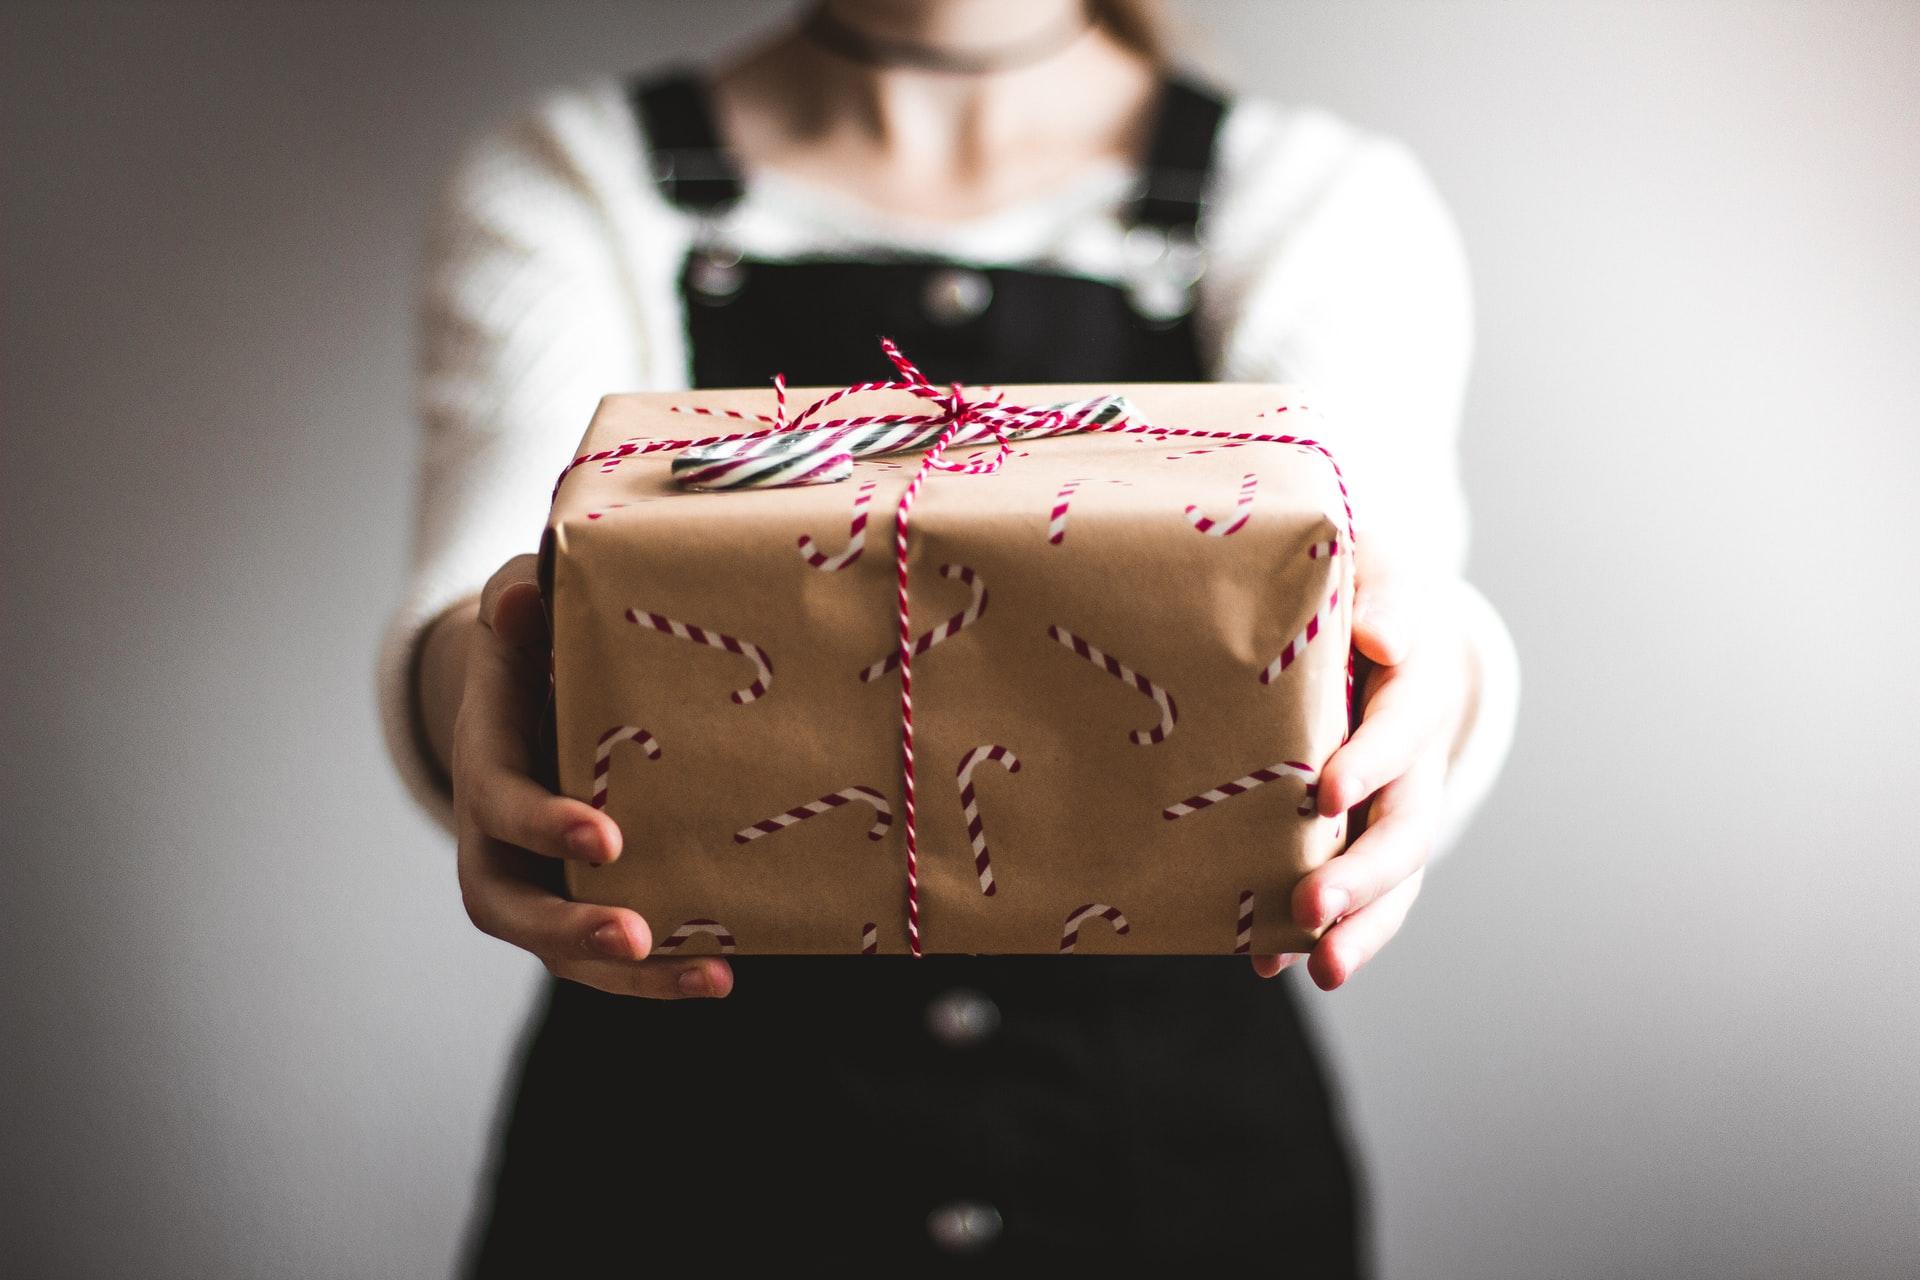 J'offre un cadeau qui fera plaisir